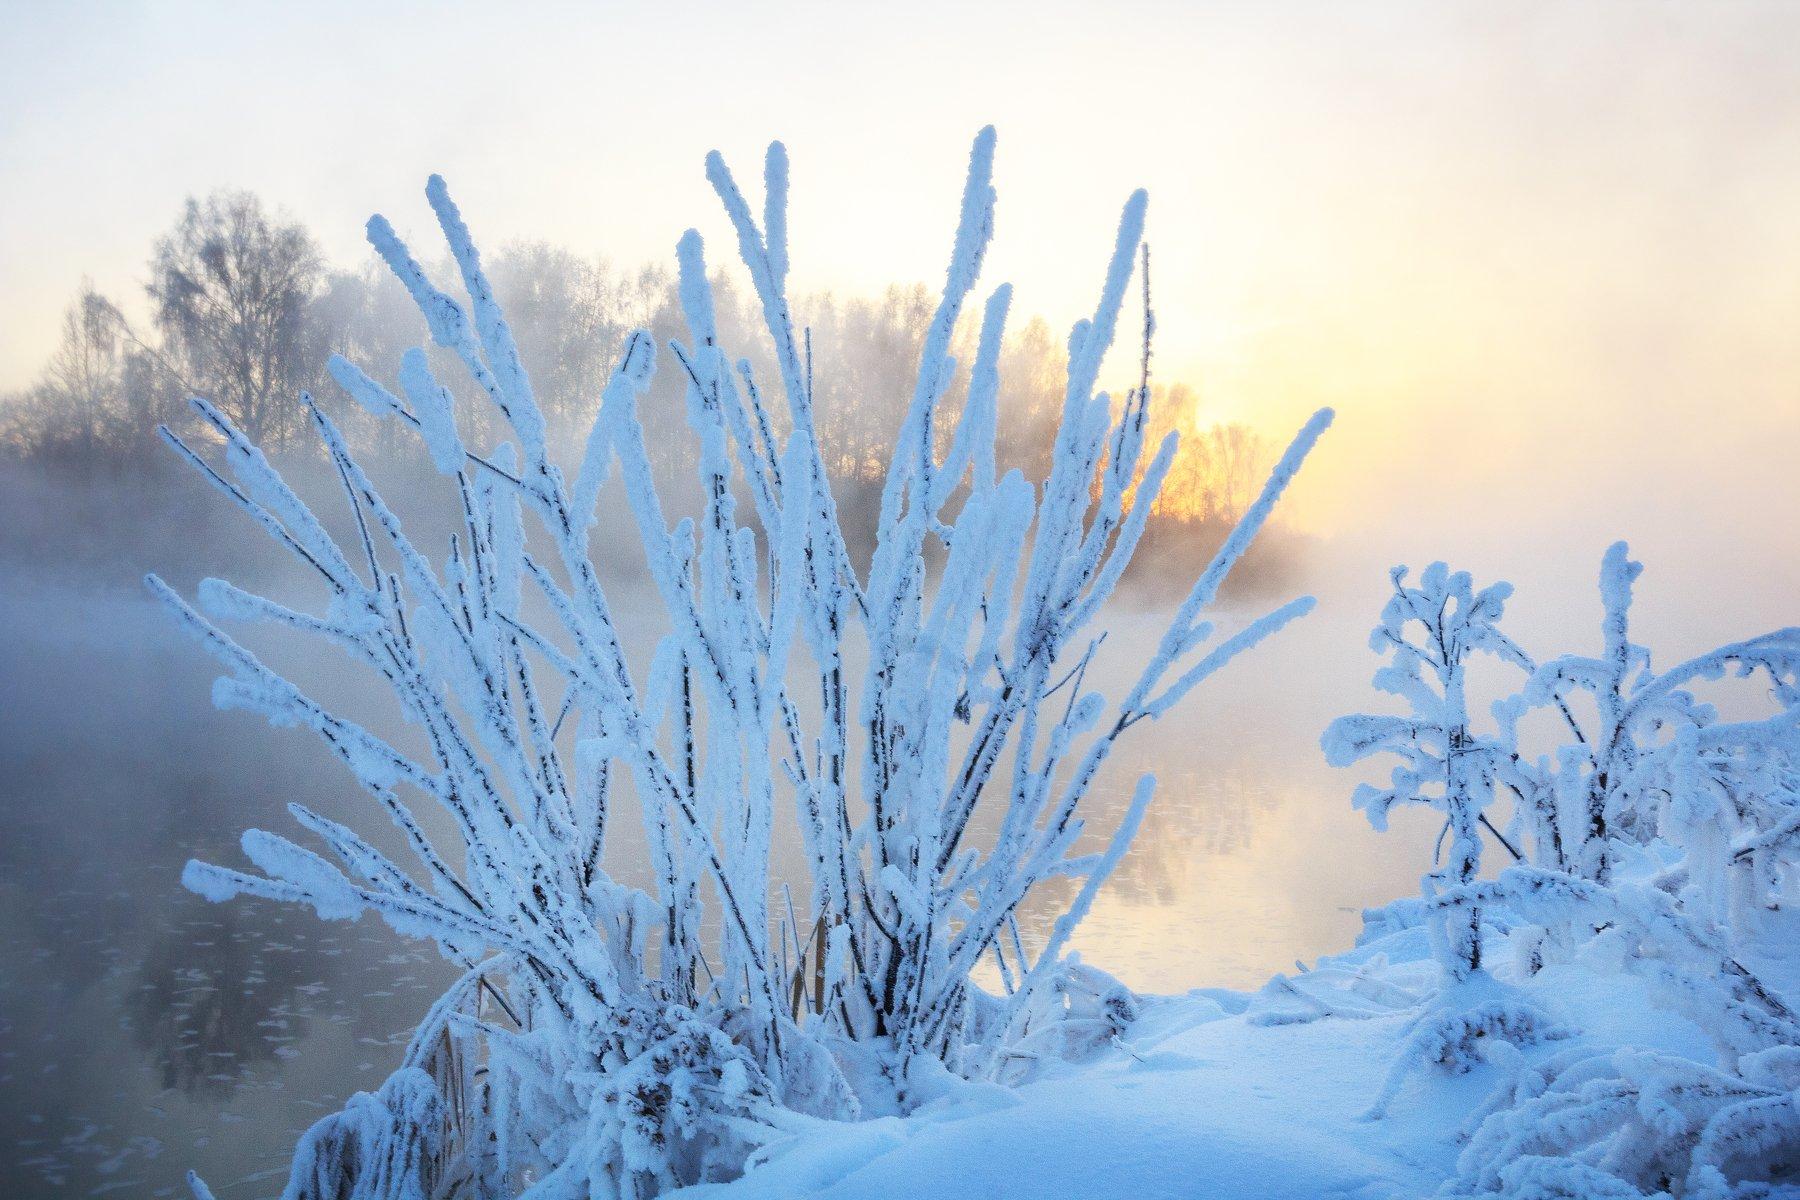 среднеуральск, урал, средний урал, река, зима, рассвет, закат, Сергей Гарифуллин